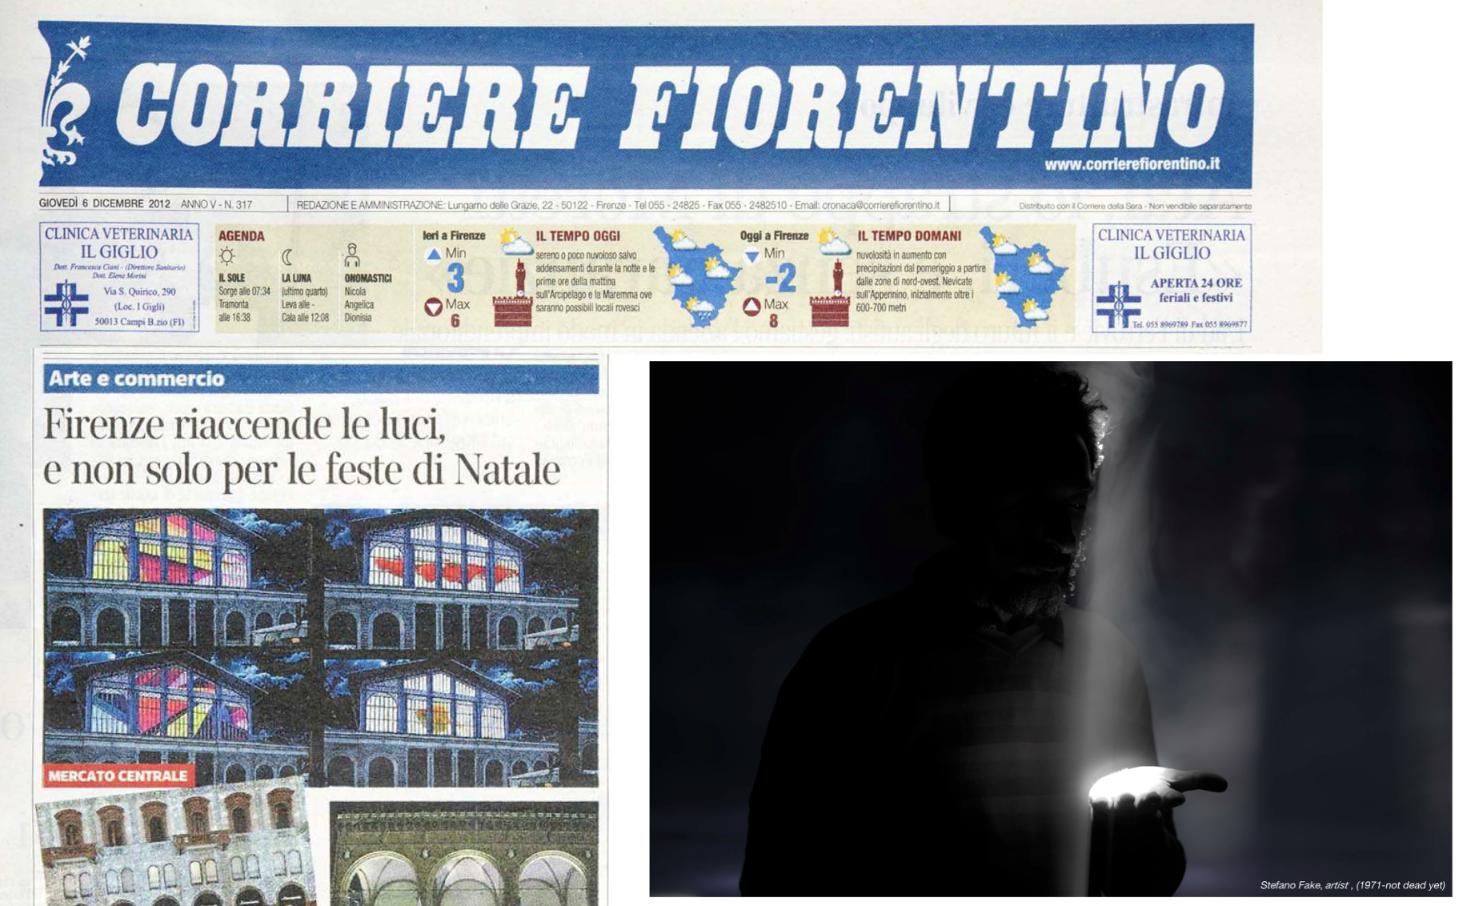 CORRIERE FIORENTINO F.LIGHT 2012_2